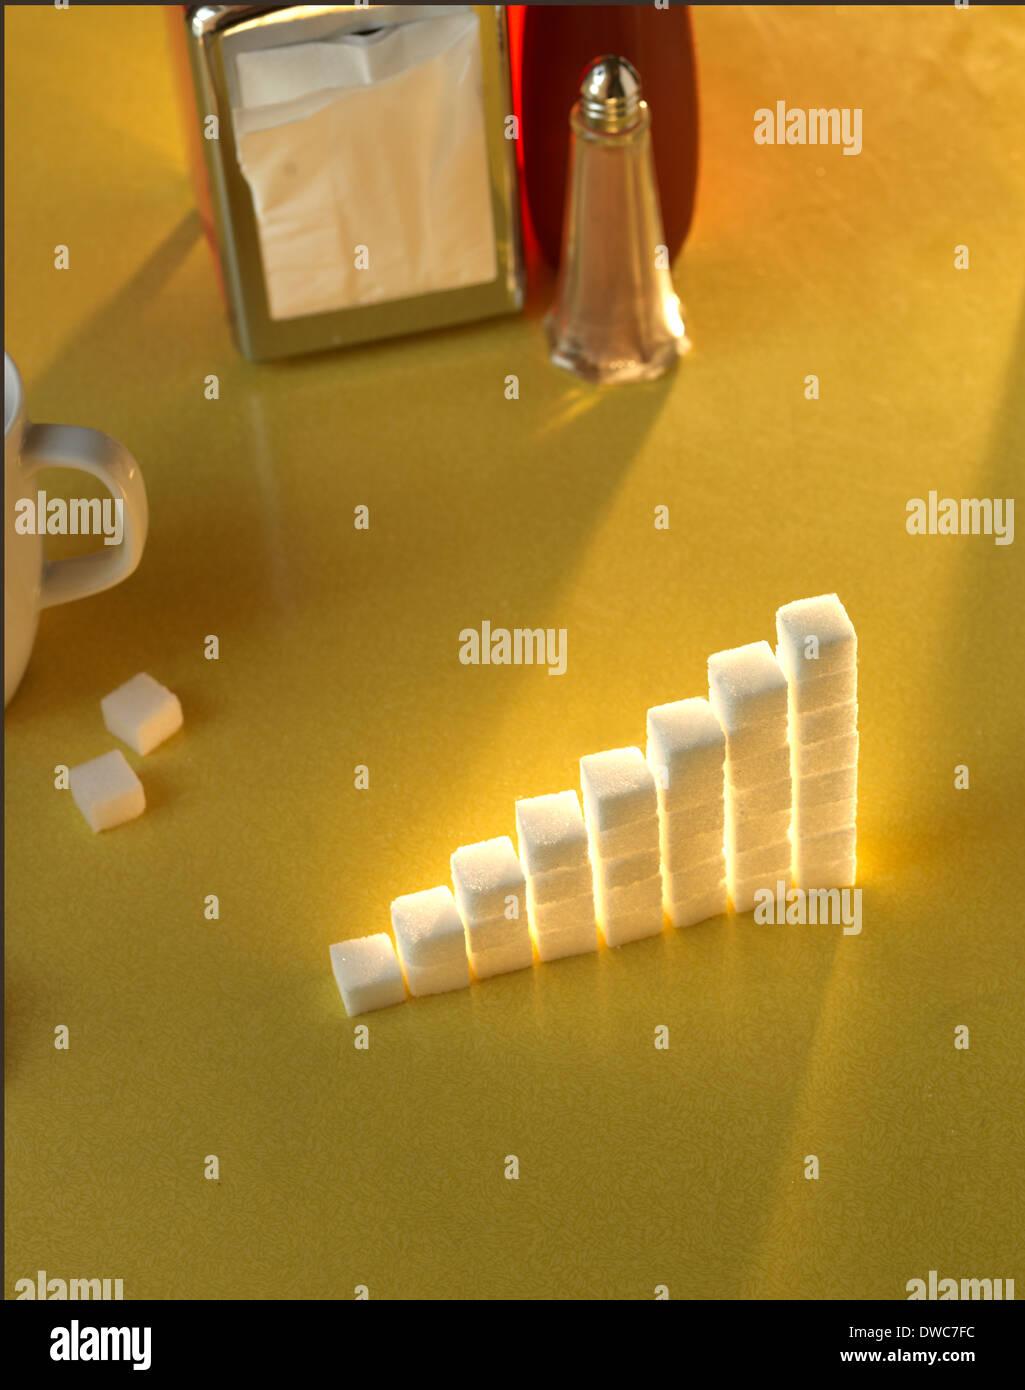 Stapel von Würfelzucker in der Form eines Graphen auf einem gelben Tisch Stockbild